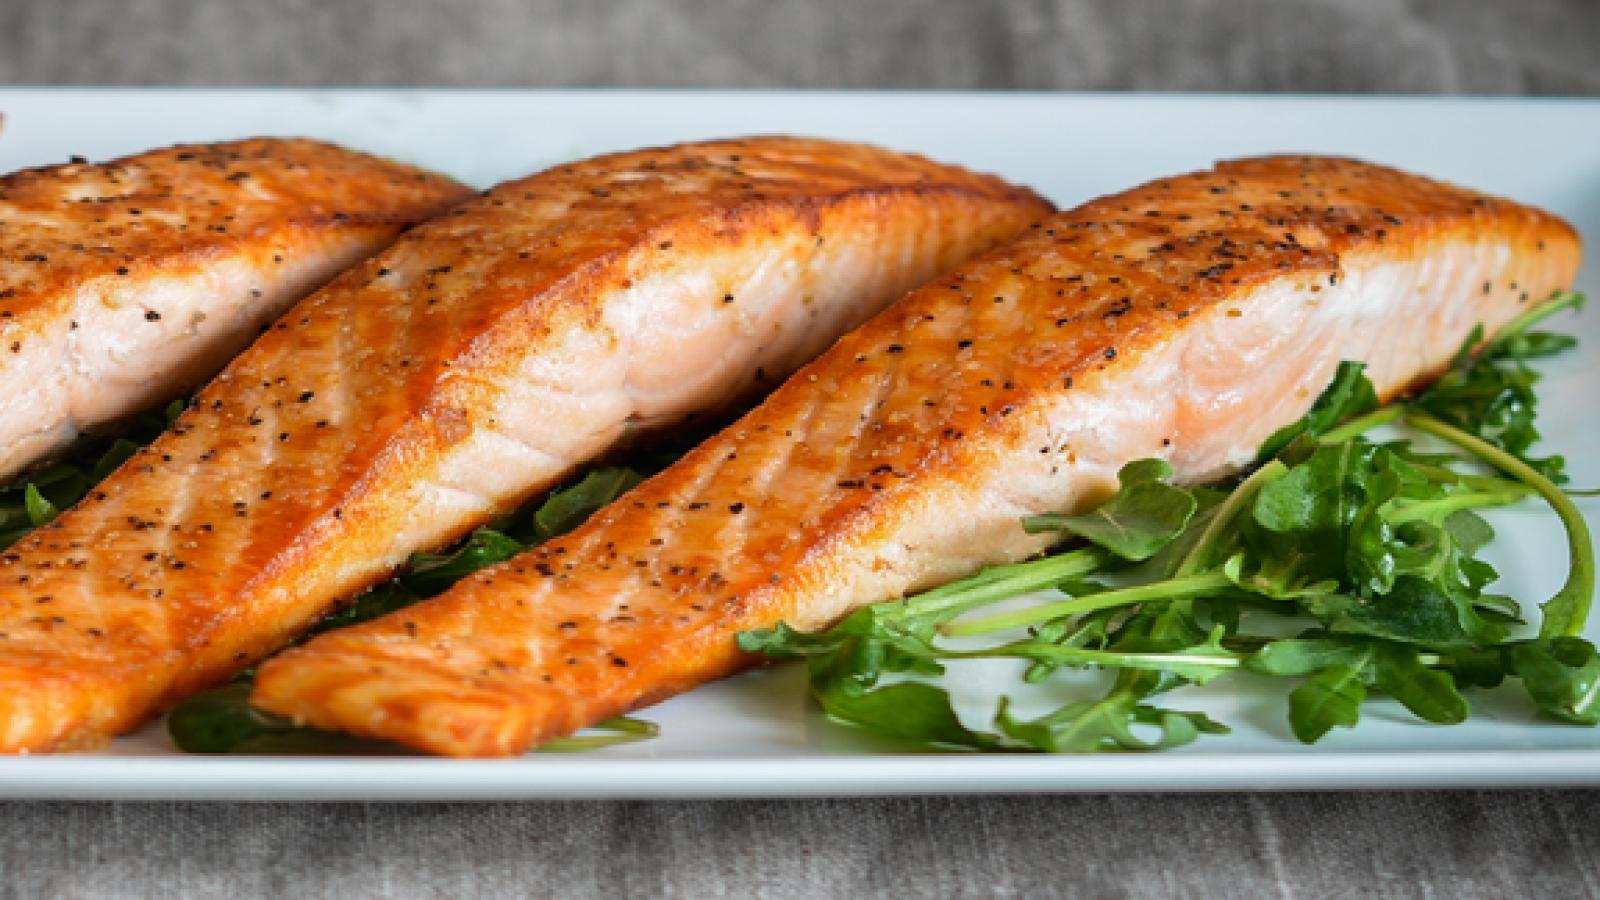 Những loại thực phẩm giúp tăng tốc độ hồi phục sau bệnh tật và phẫu thuật